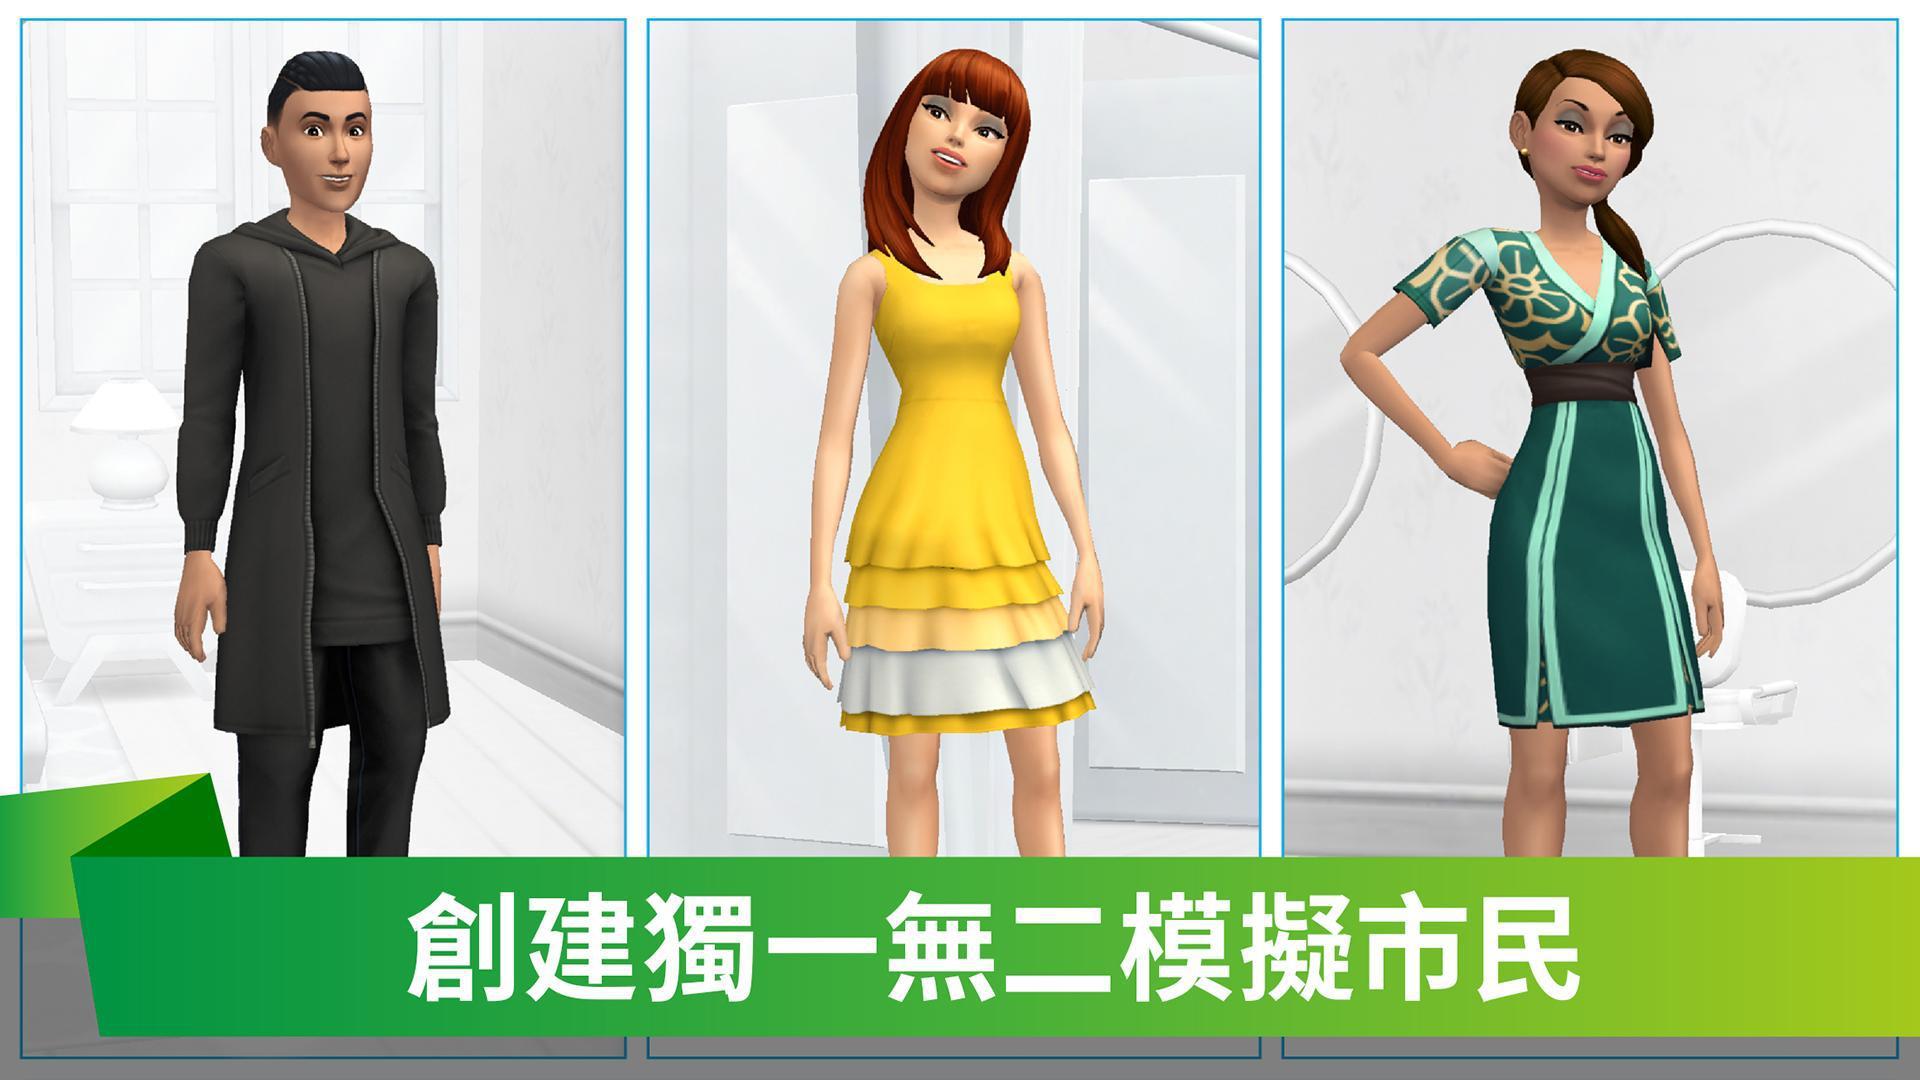 模拟人生移动版 游戏截图1